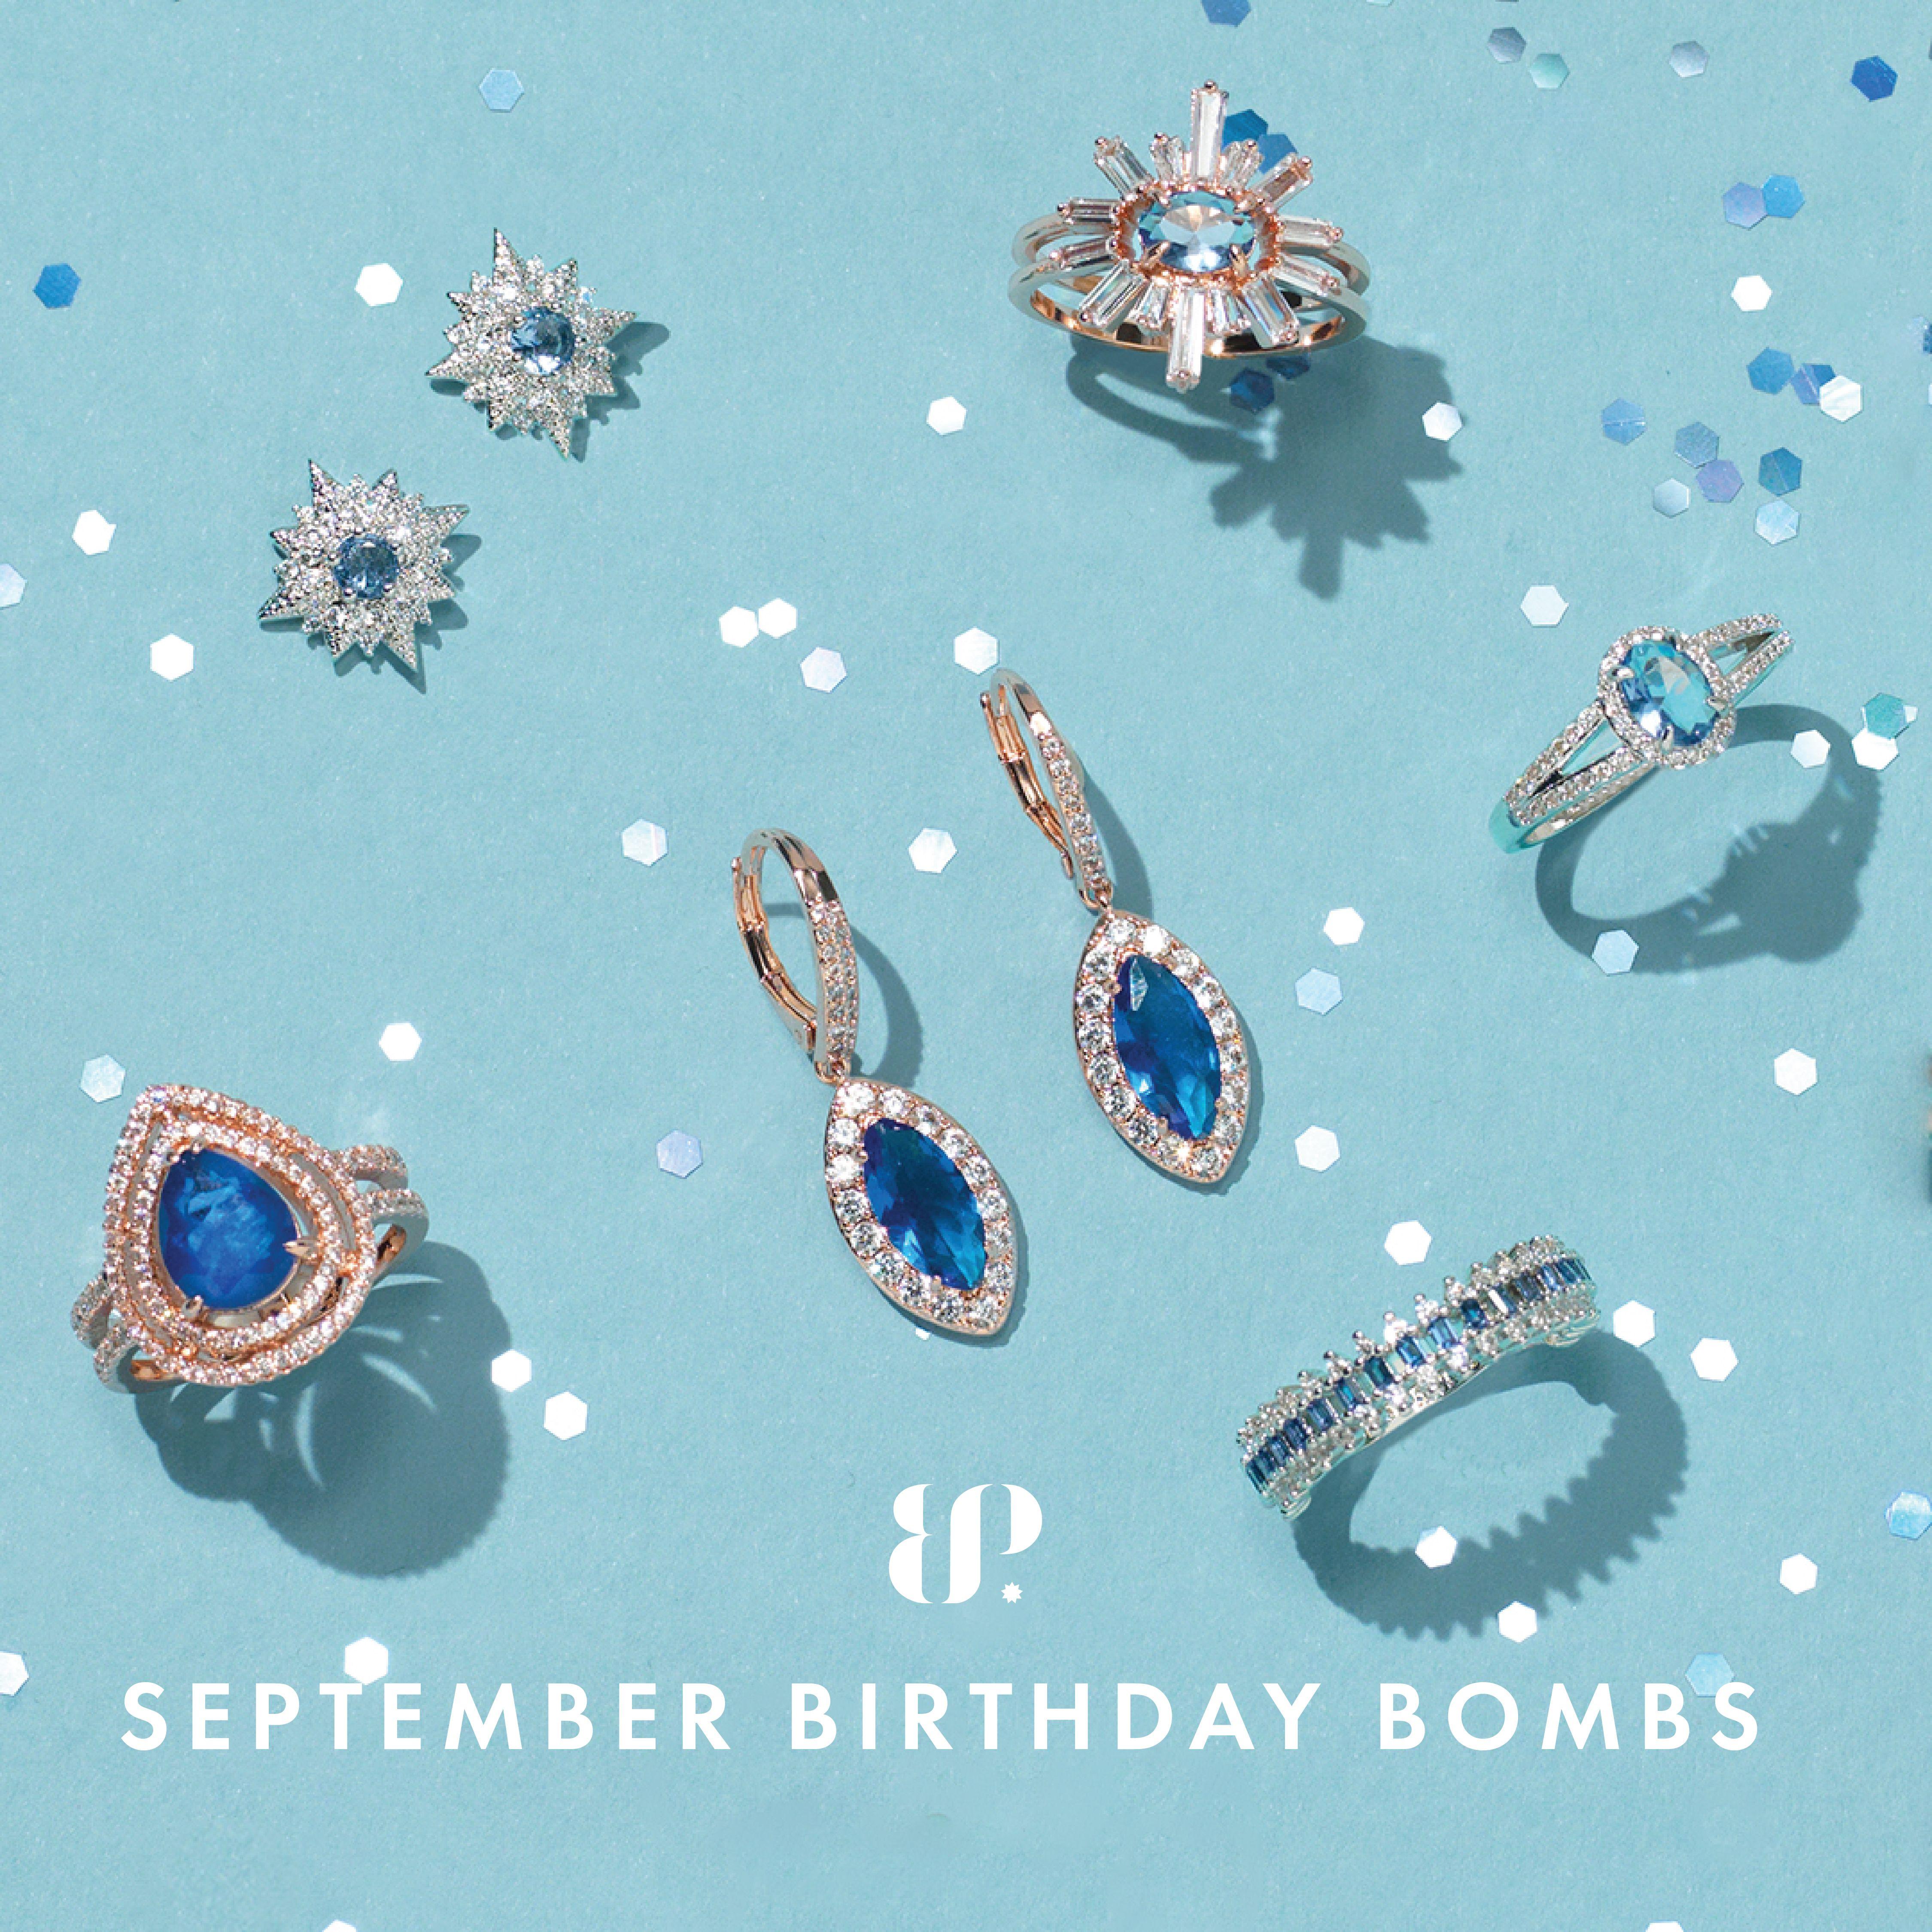 Image for September Birthday Bombs